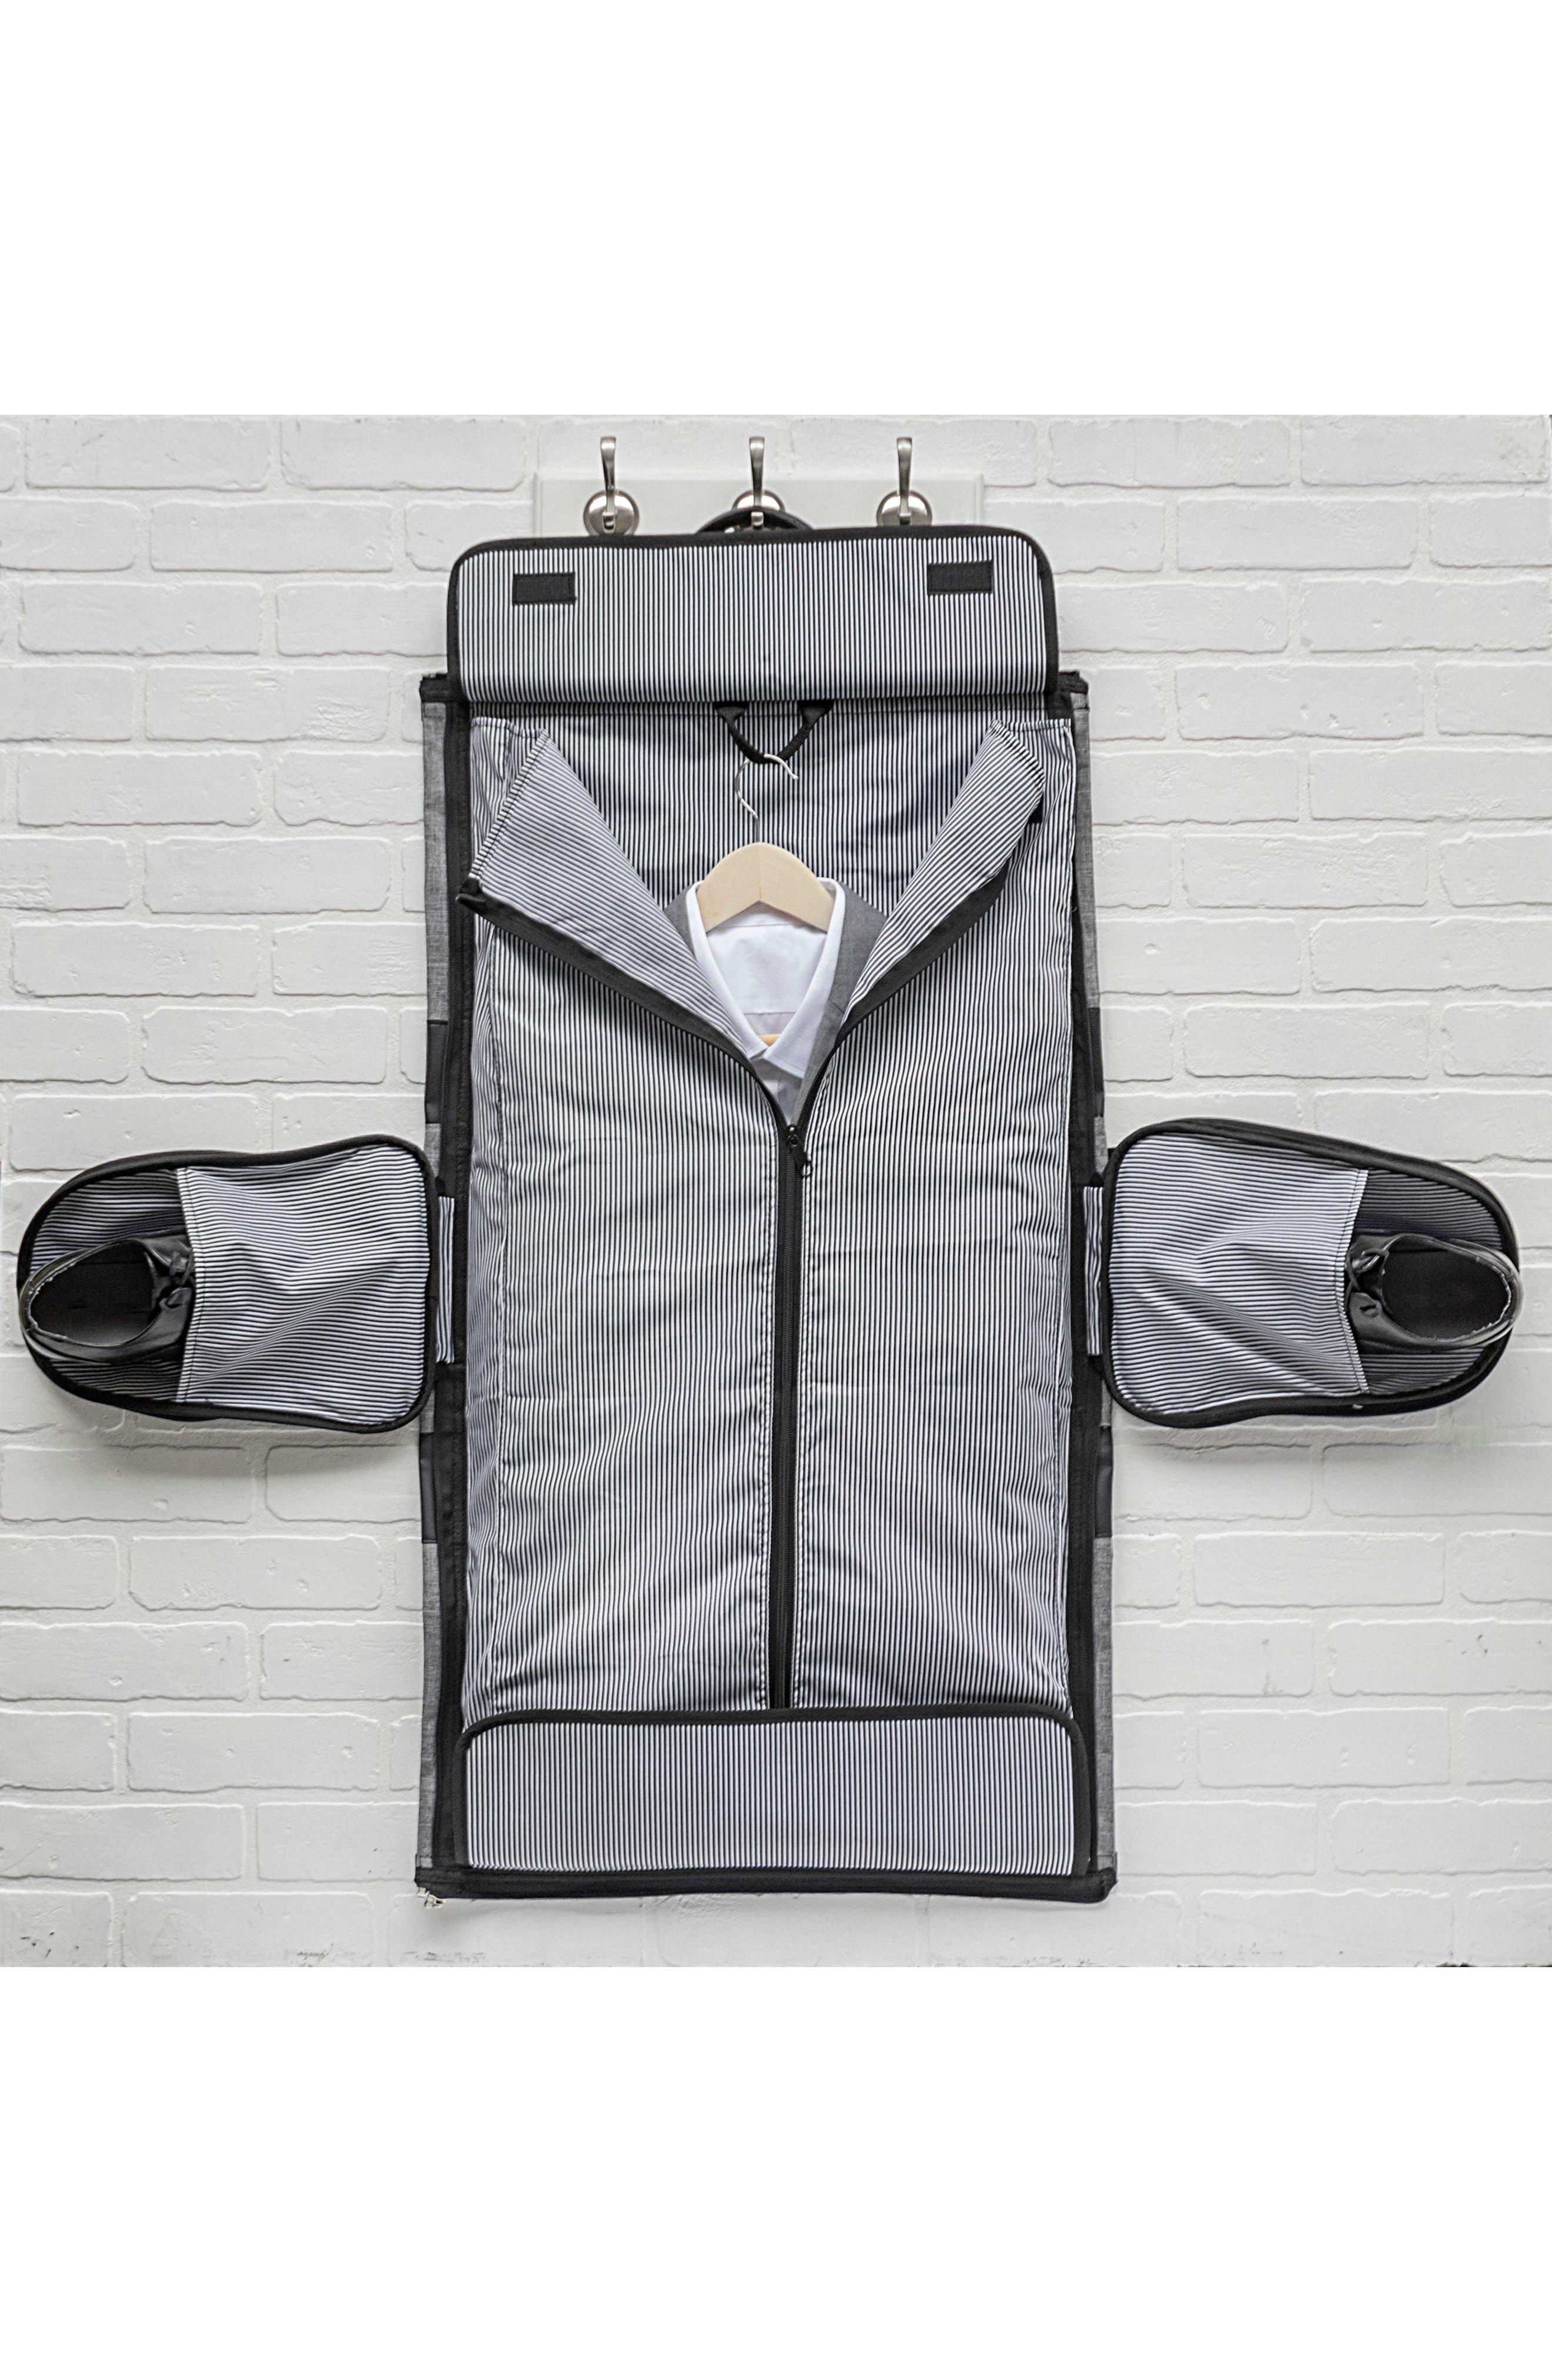 Monogram Duffel/Garment Bag,                             Alternate thumbnail 4, color,